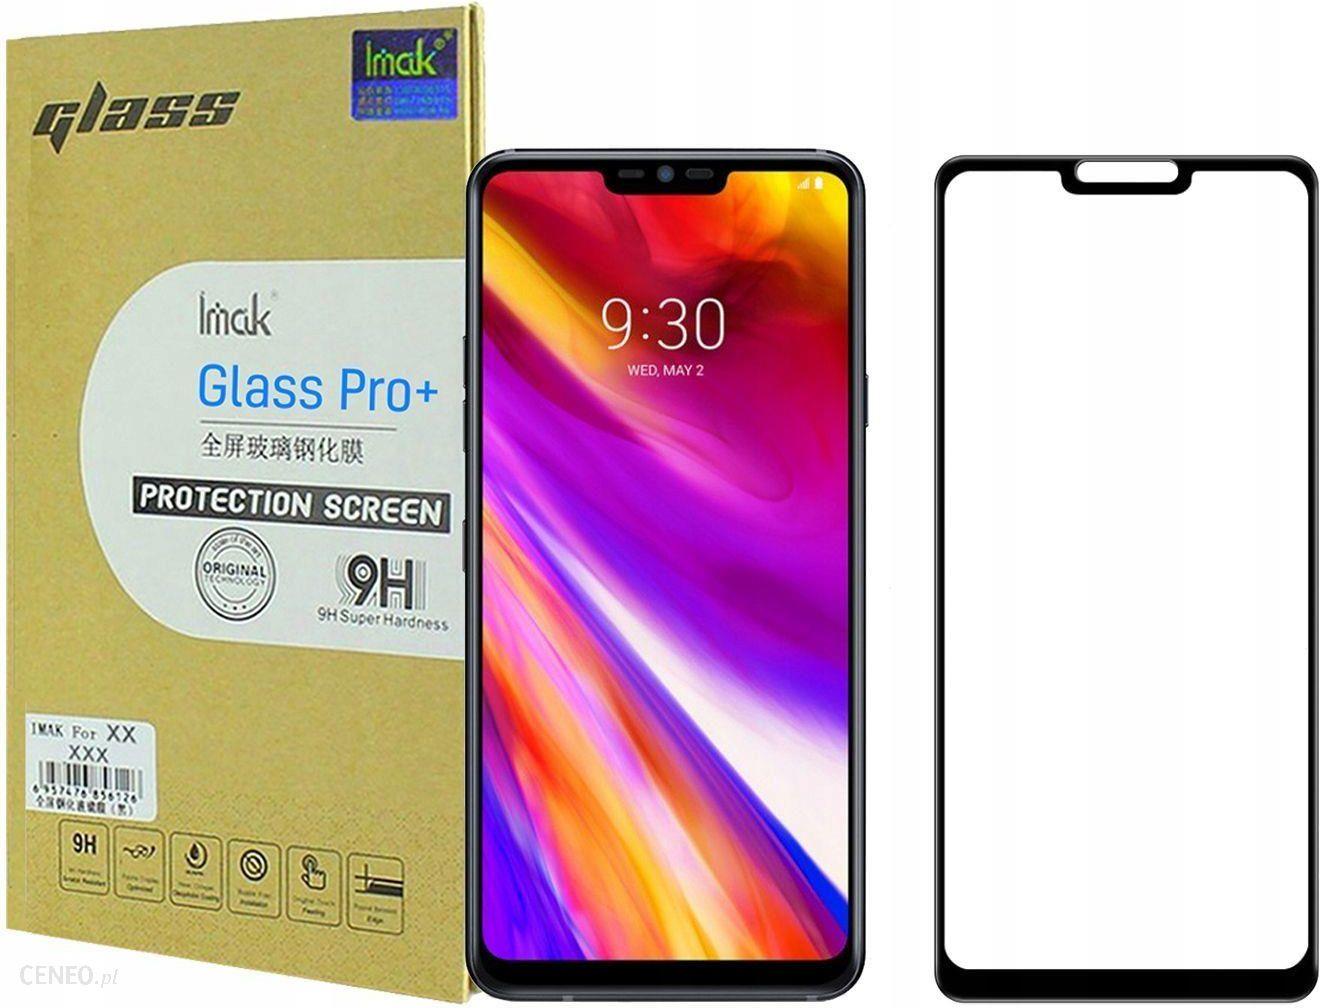 Imak Glass Pro Szkło Hartowane Lg G7 Thinq G7 Opinie I Ceny Na Ceneo Pl